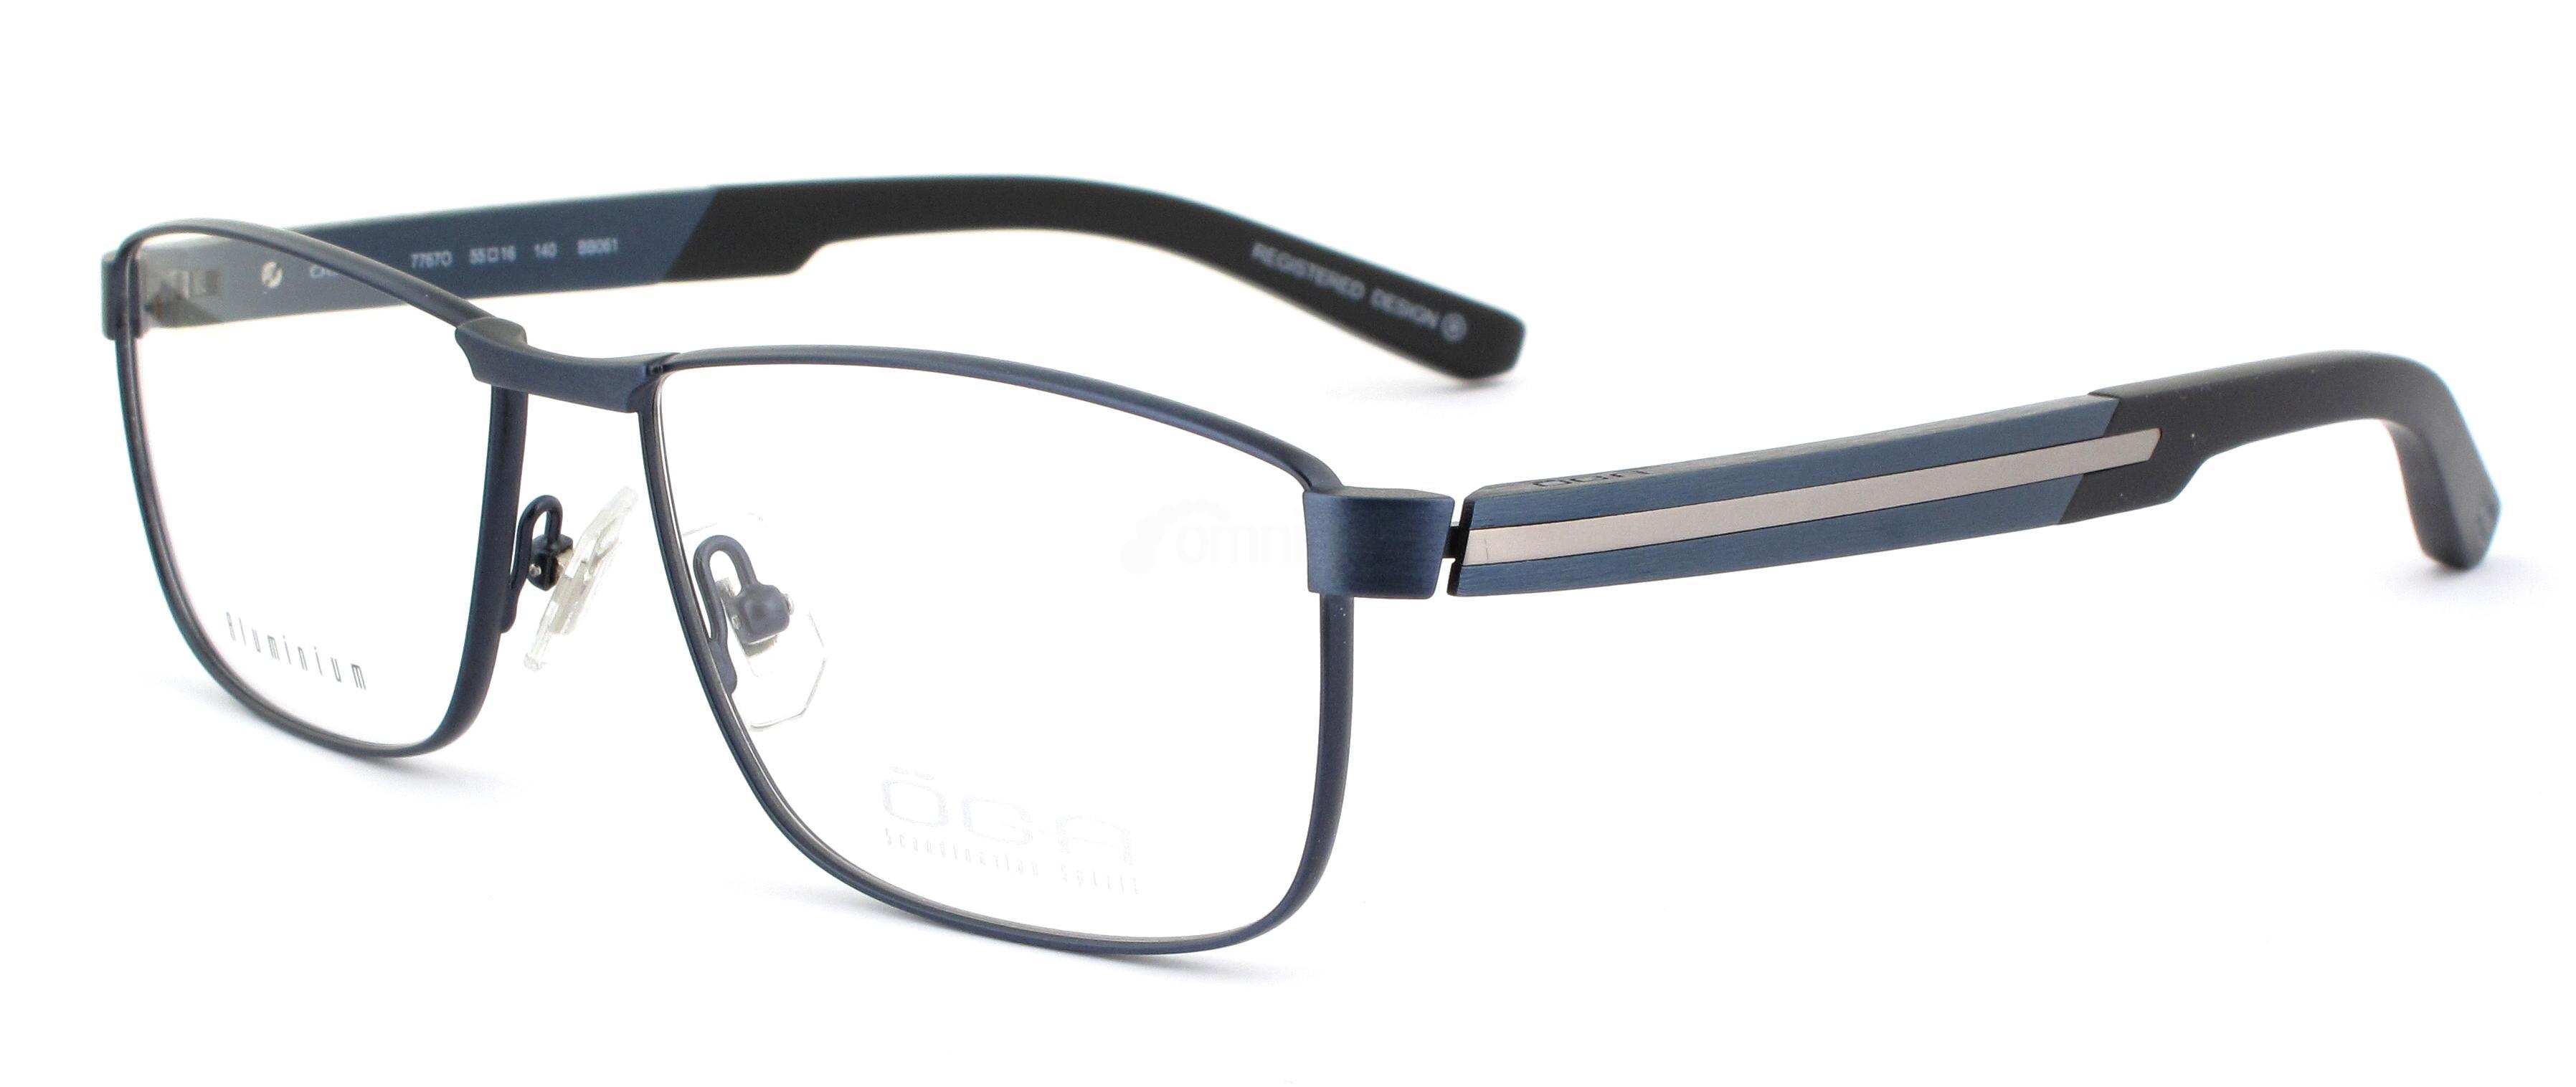 BB061 7767O TANGER 2 Glasses, ÖGA Scandinavian Spirit